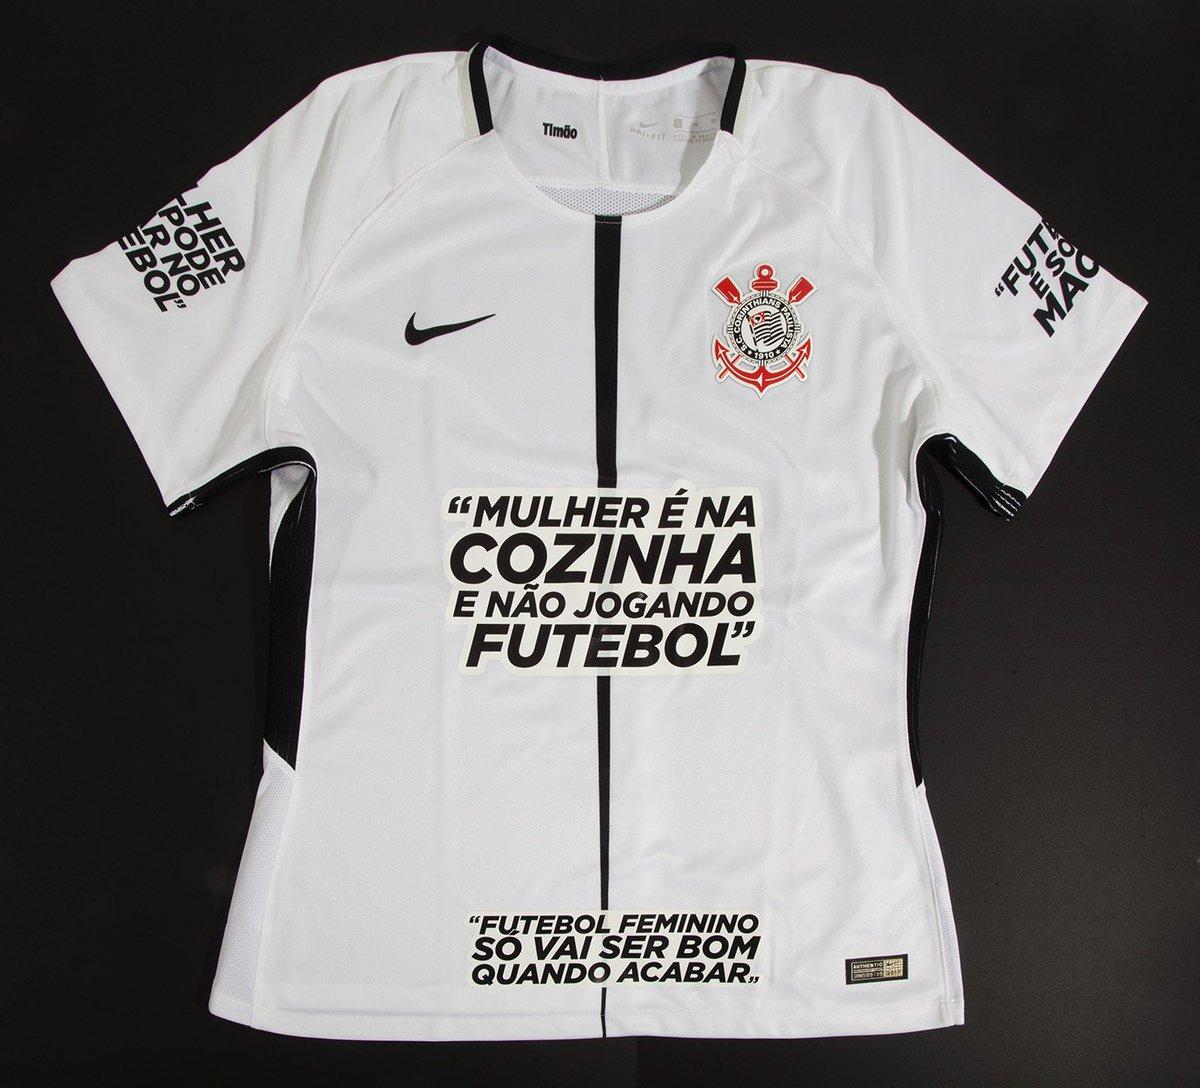 Uol On Twitter Futebol Feminino Corinthians Expõe Frases